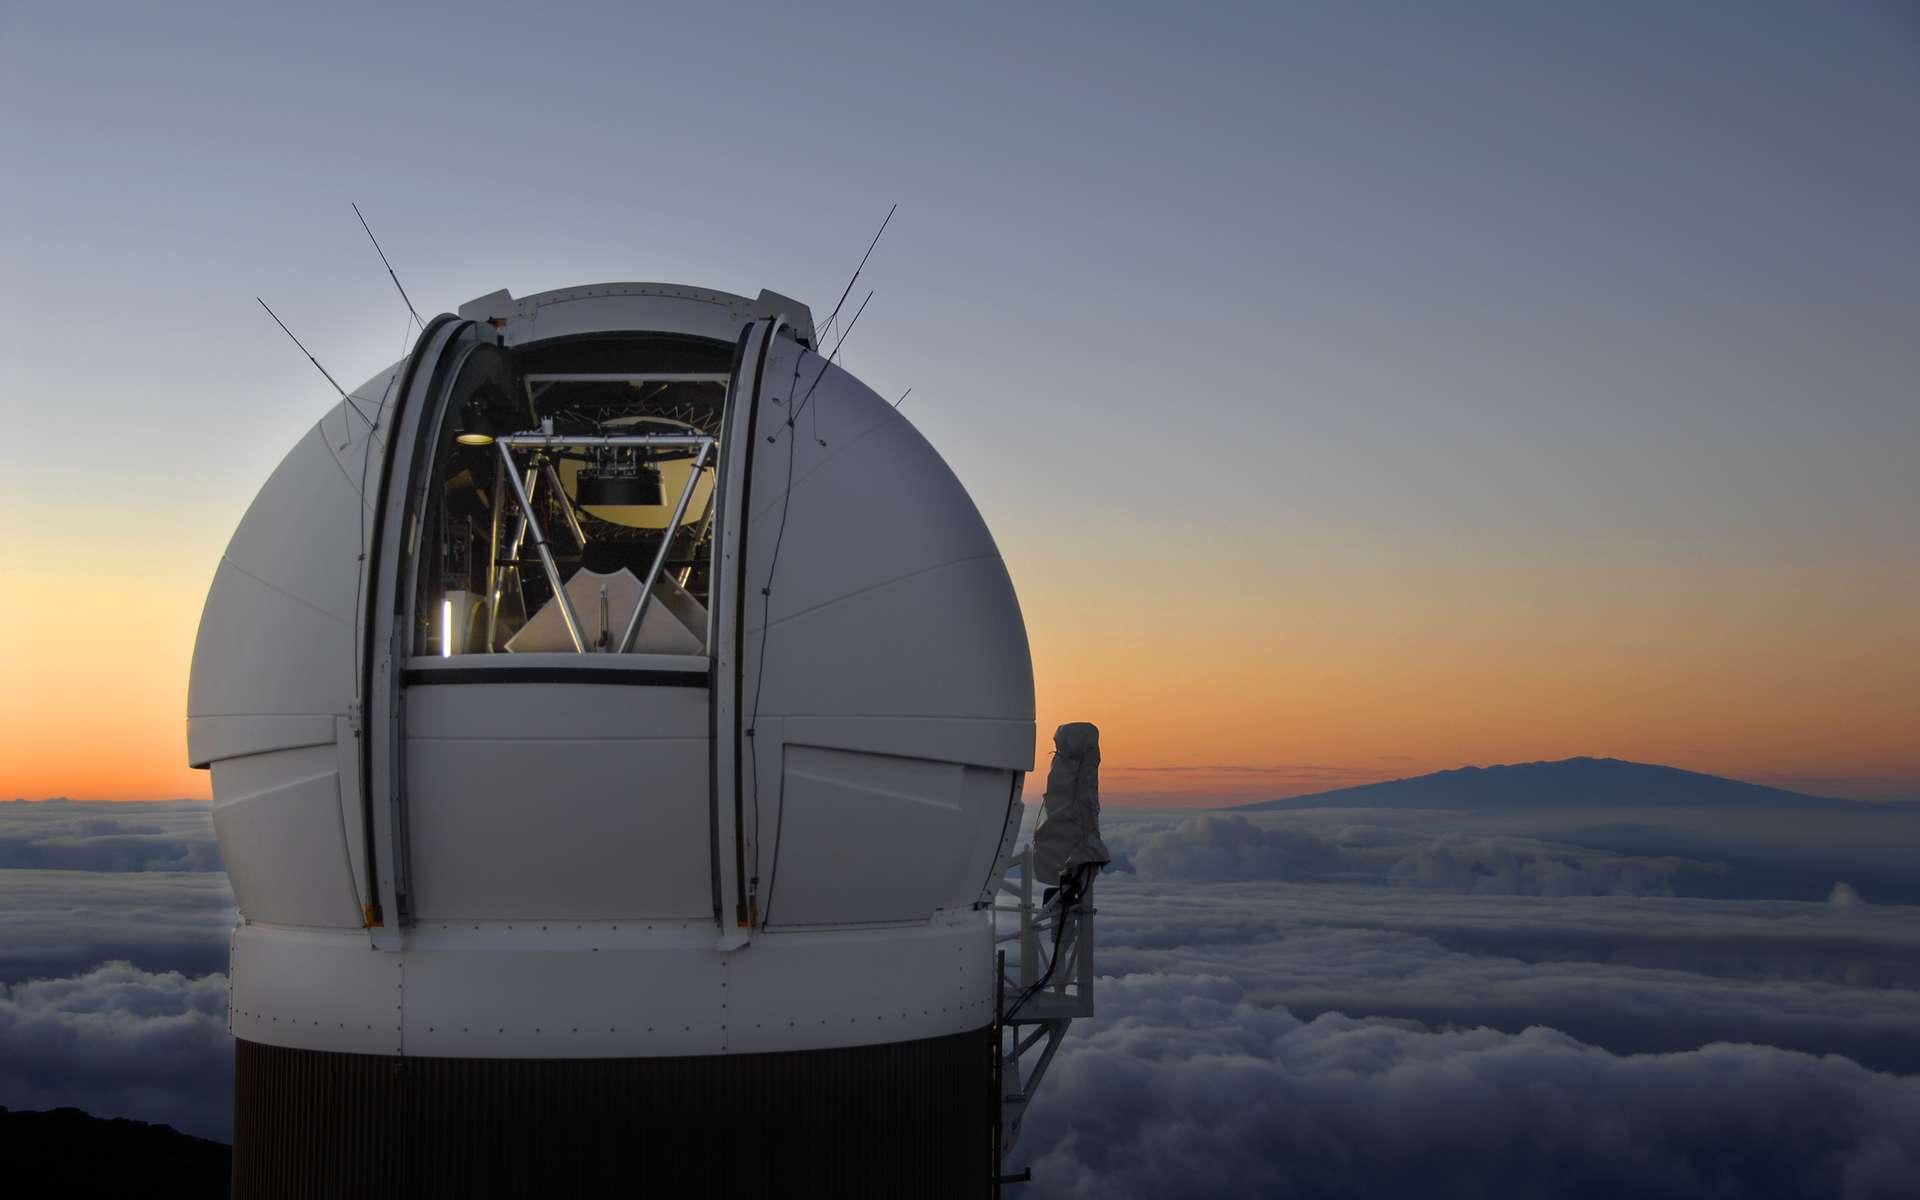 La coupole abritant le télescope de 1,8 m de diamètre situé au sommet du Haleakala, juste avant le lever du Soleil. © PS1SC